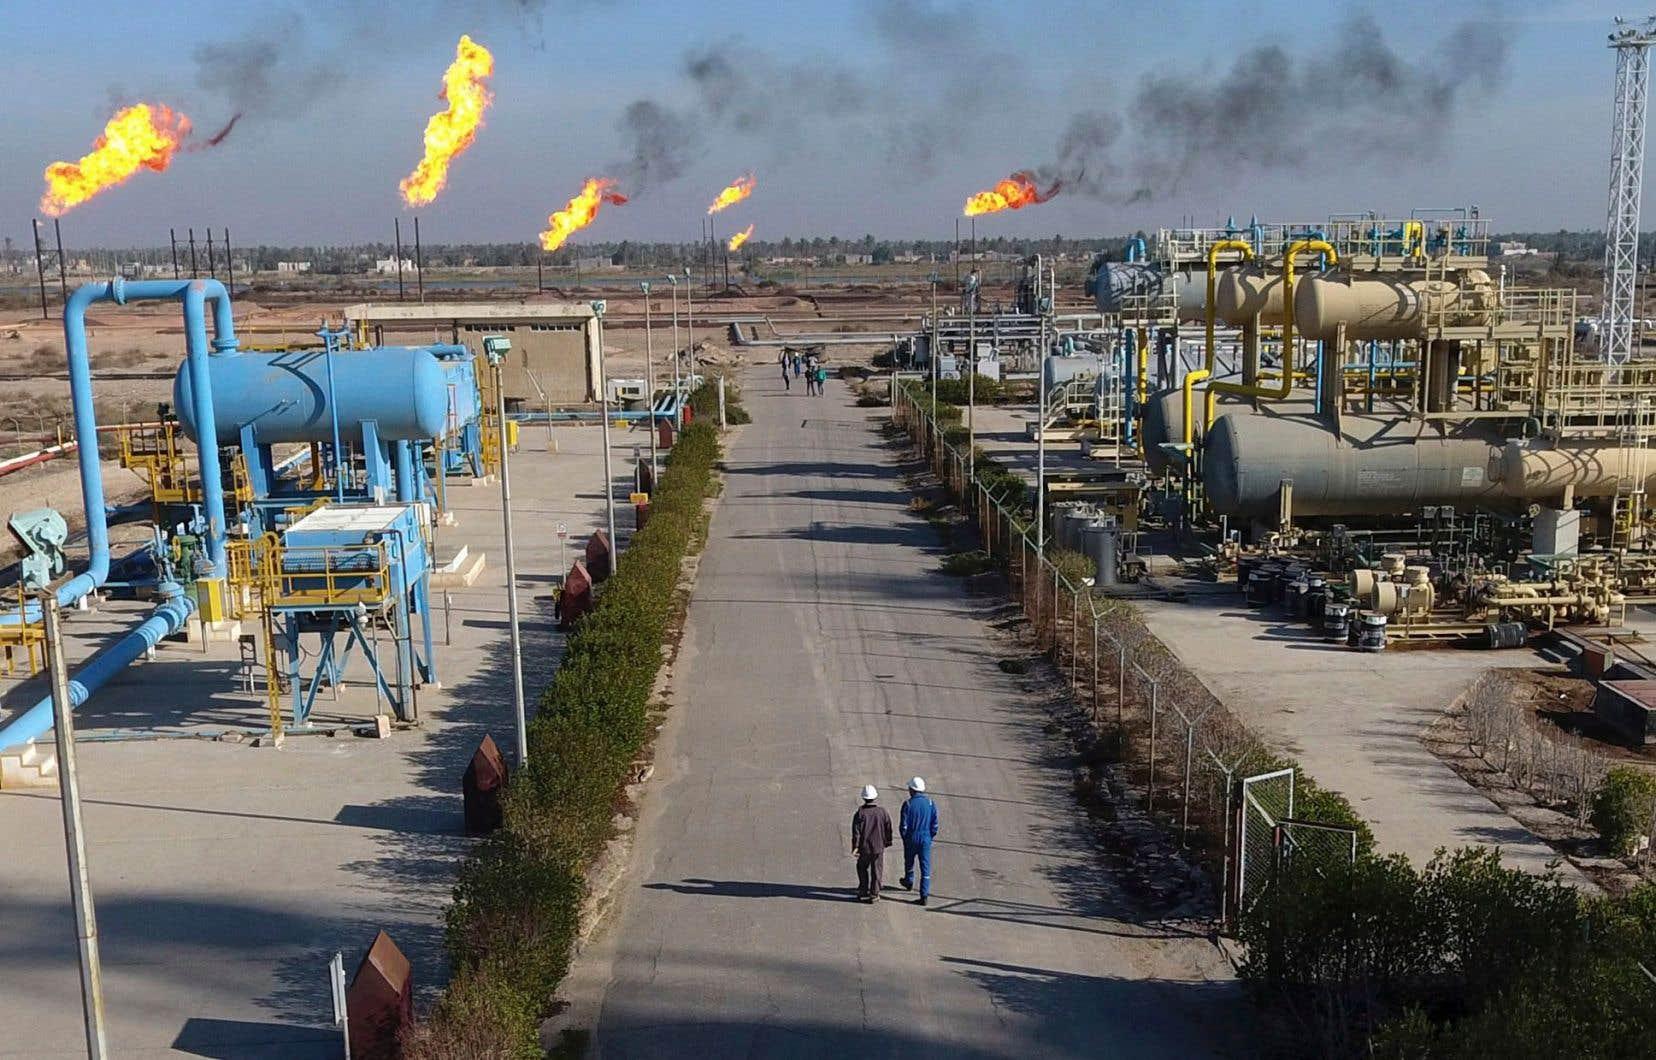 L'OGCI réunit des géants tels que BP, Eni, Petrobras, Shell ou Total, représentant plus de 30% de la production mondiale.